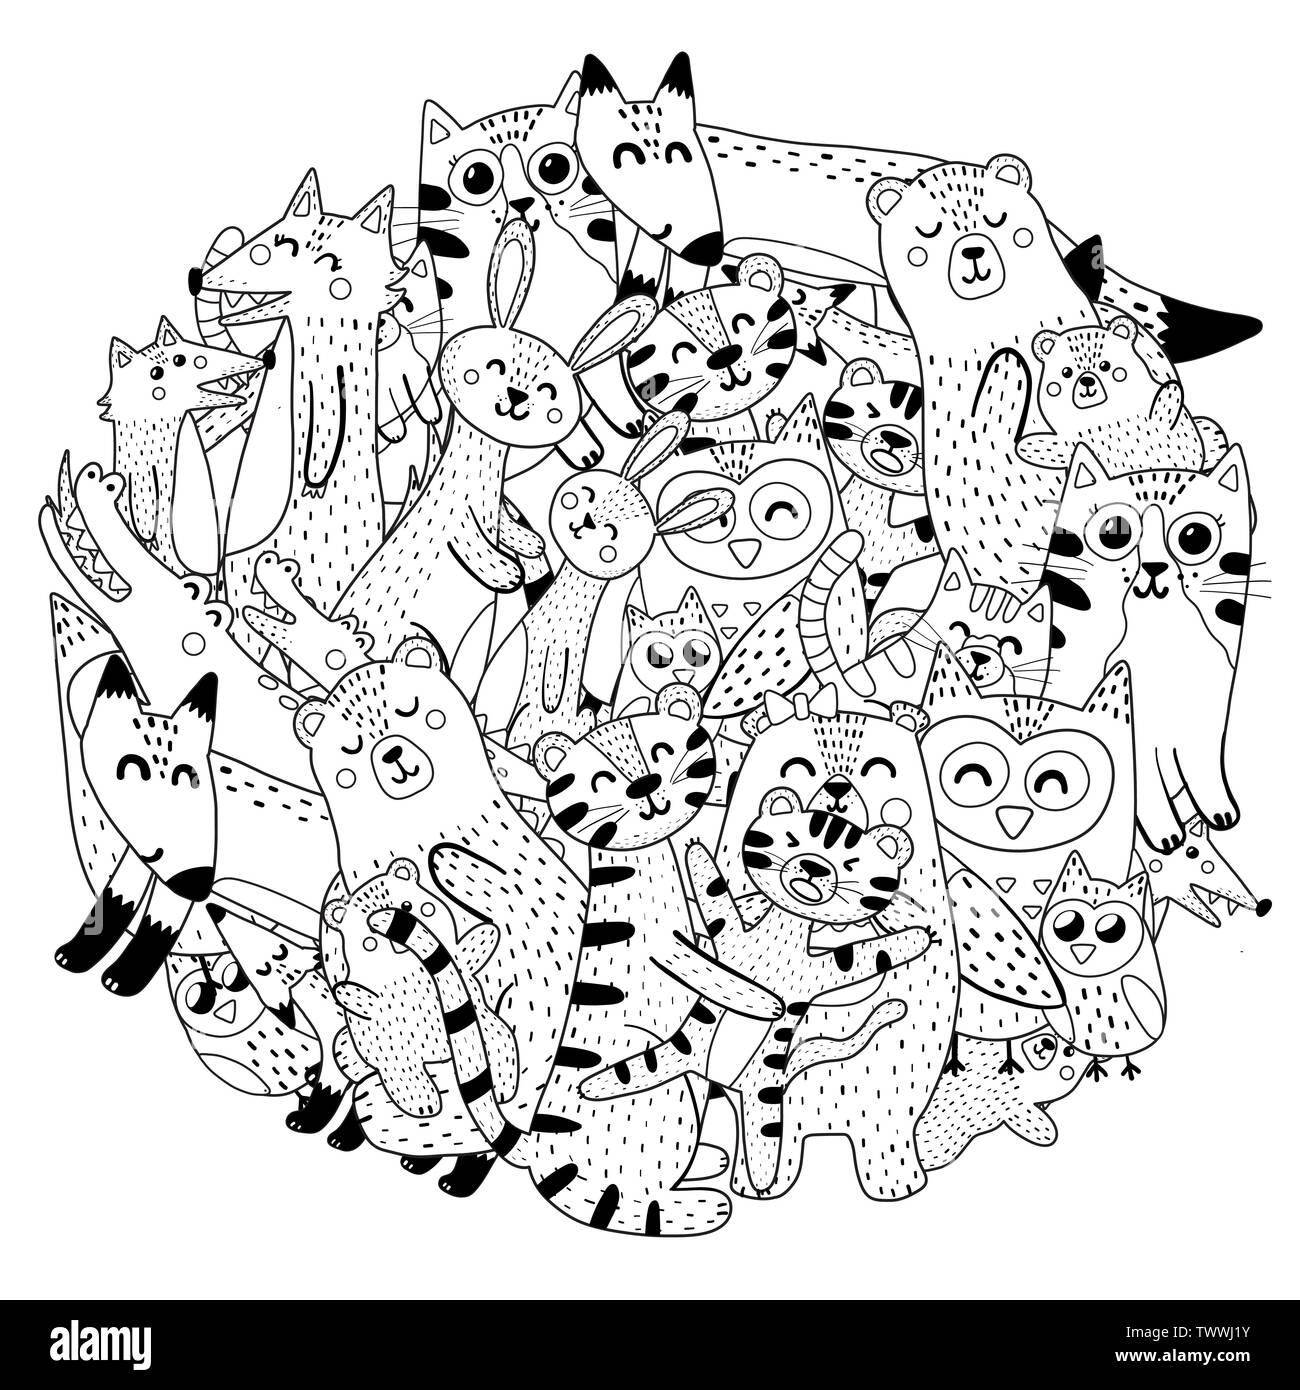 Circle Coloriage Avec Les Meres Et Leurs Bebes Animaux Vector Illustration Image Vectorielle Stock Alamy